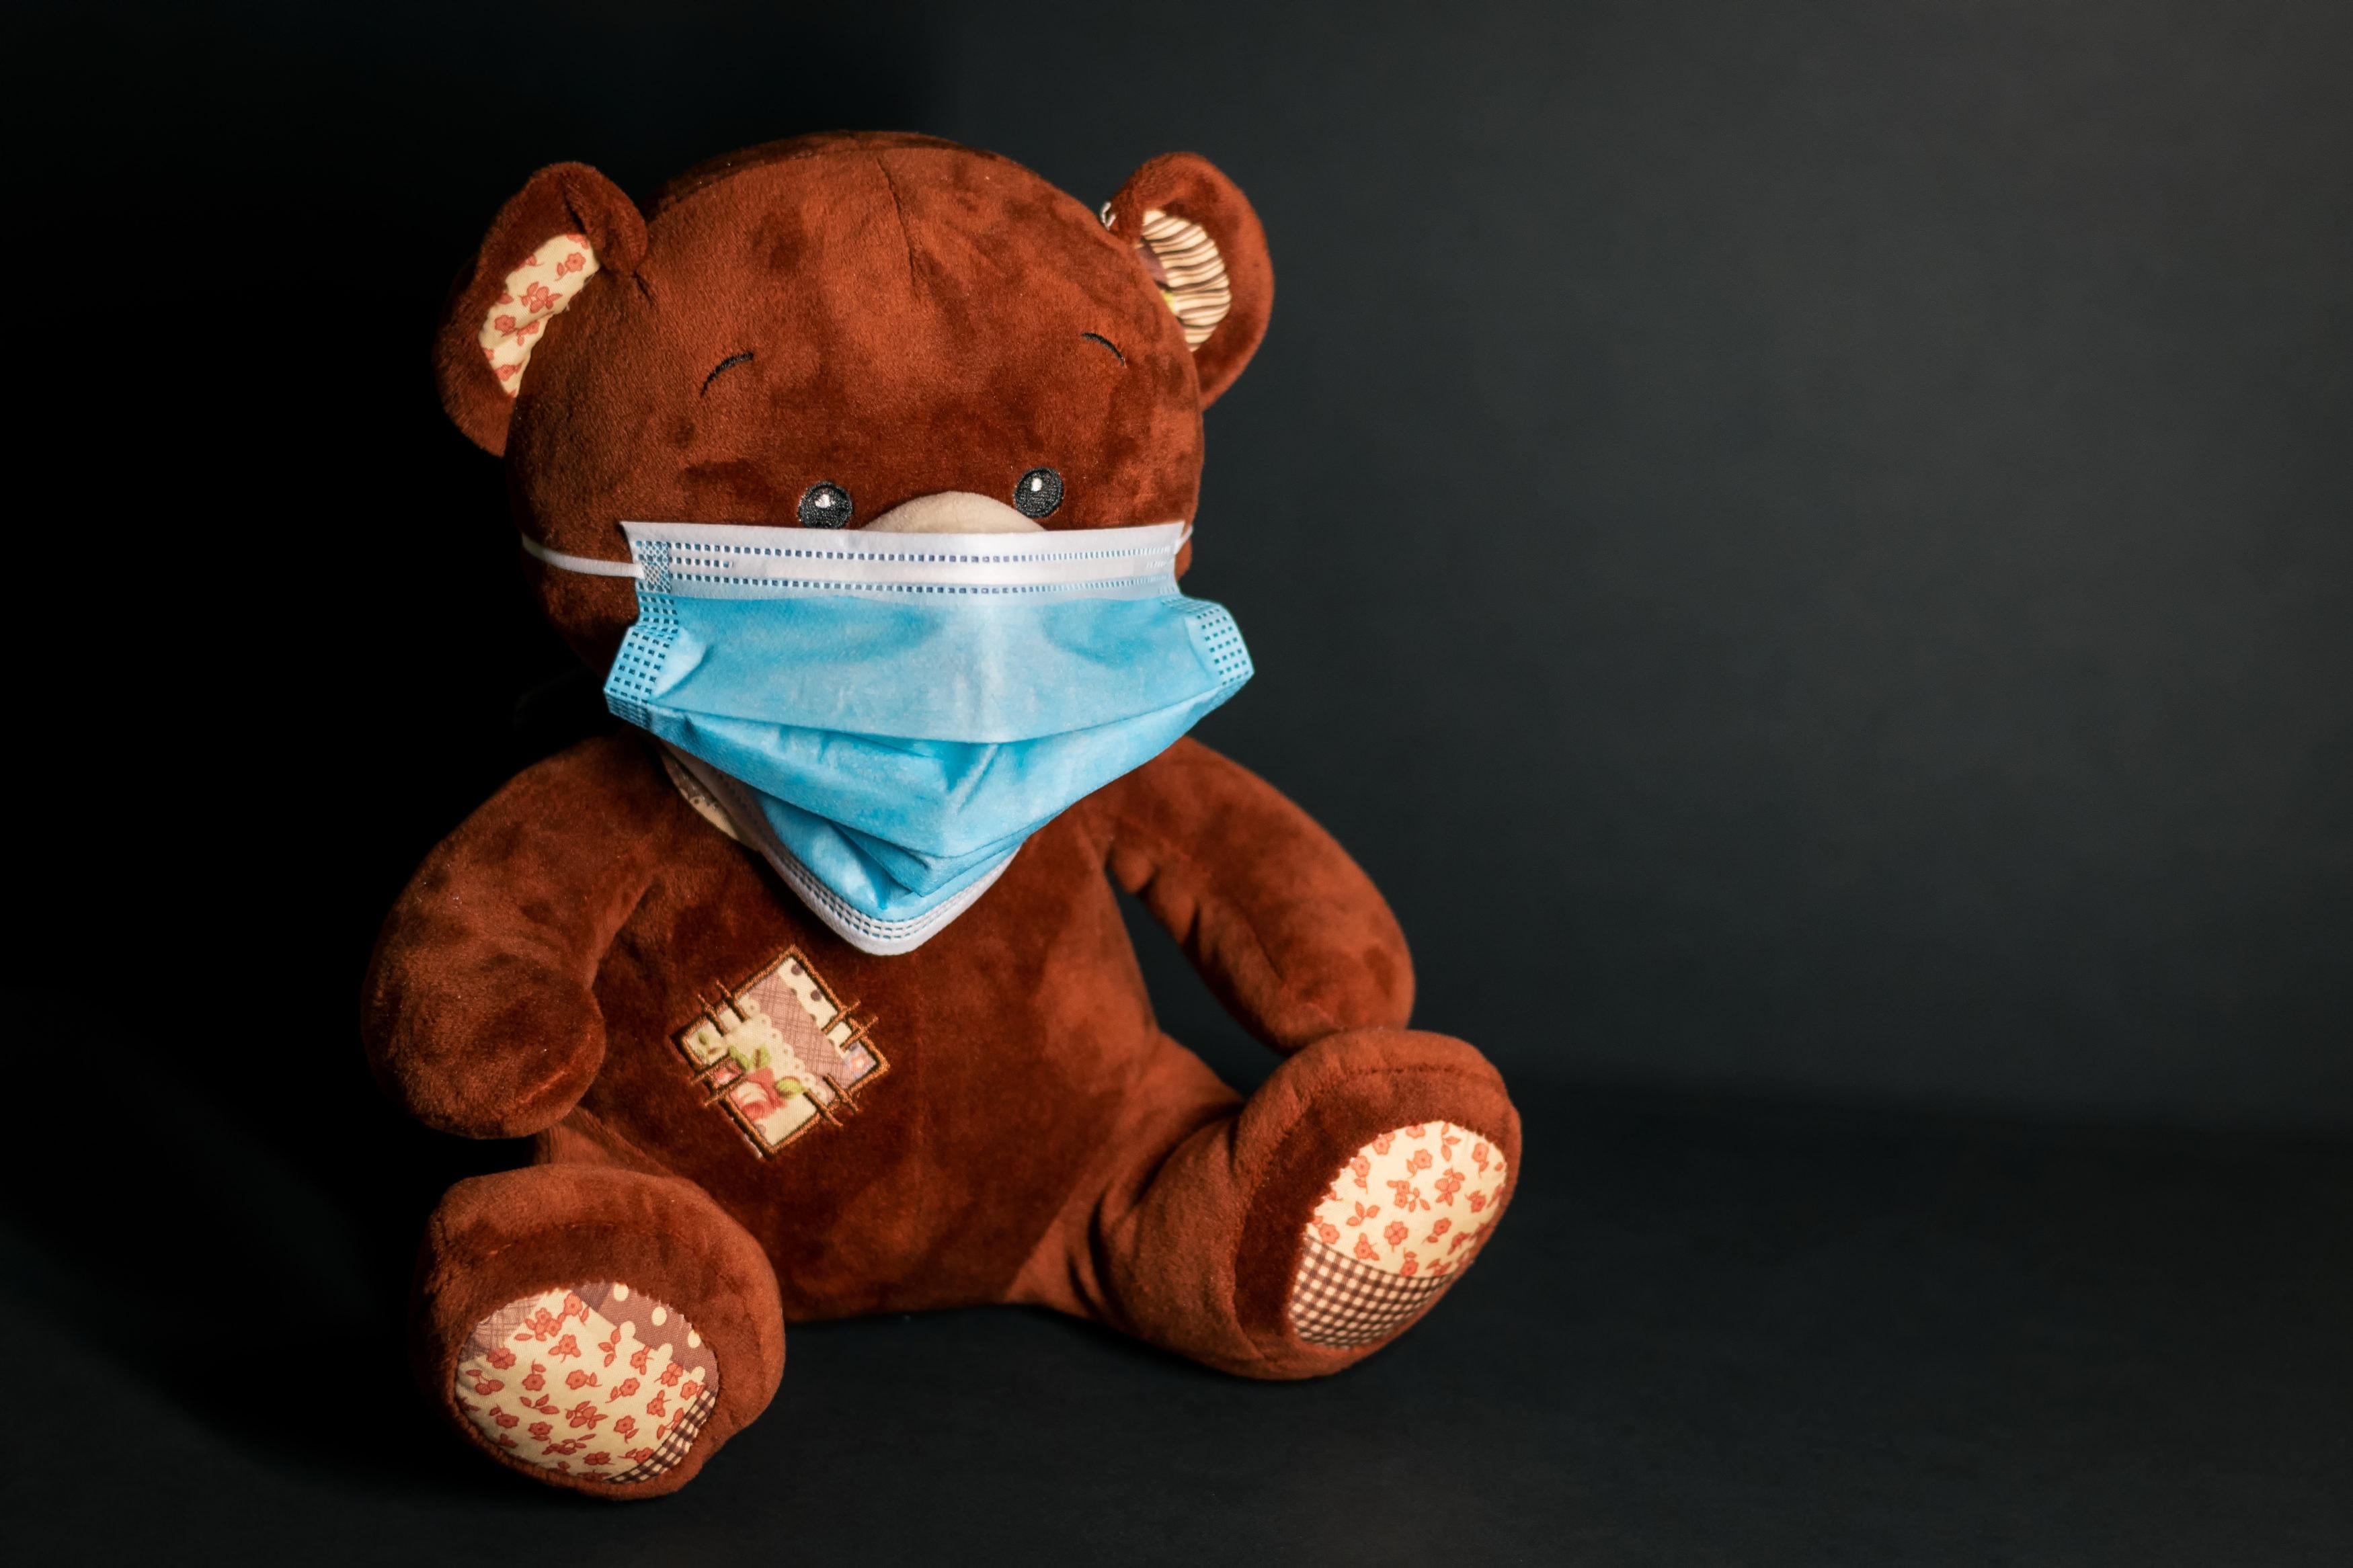 coronavirus-child-3500x2333.jpeg